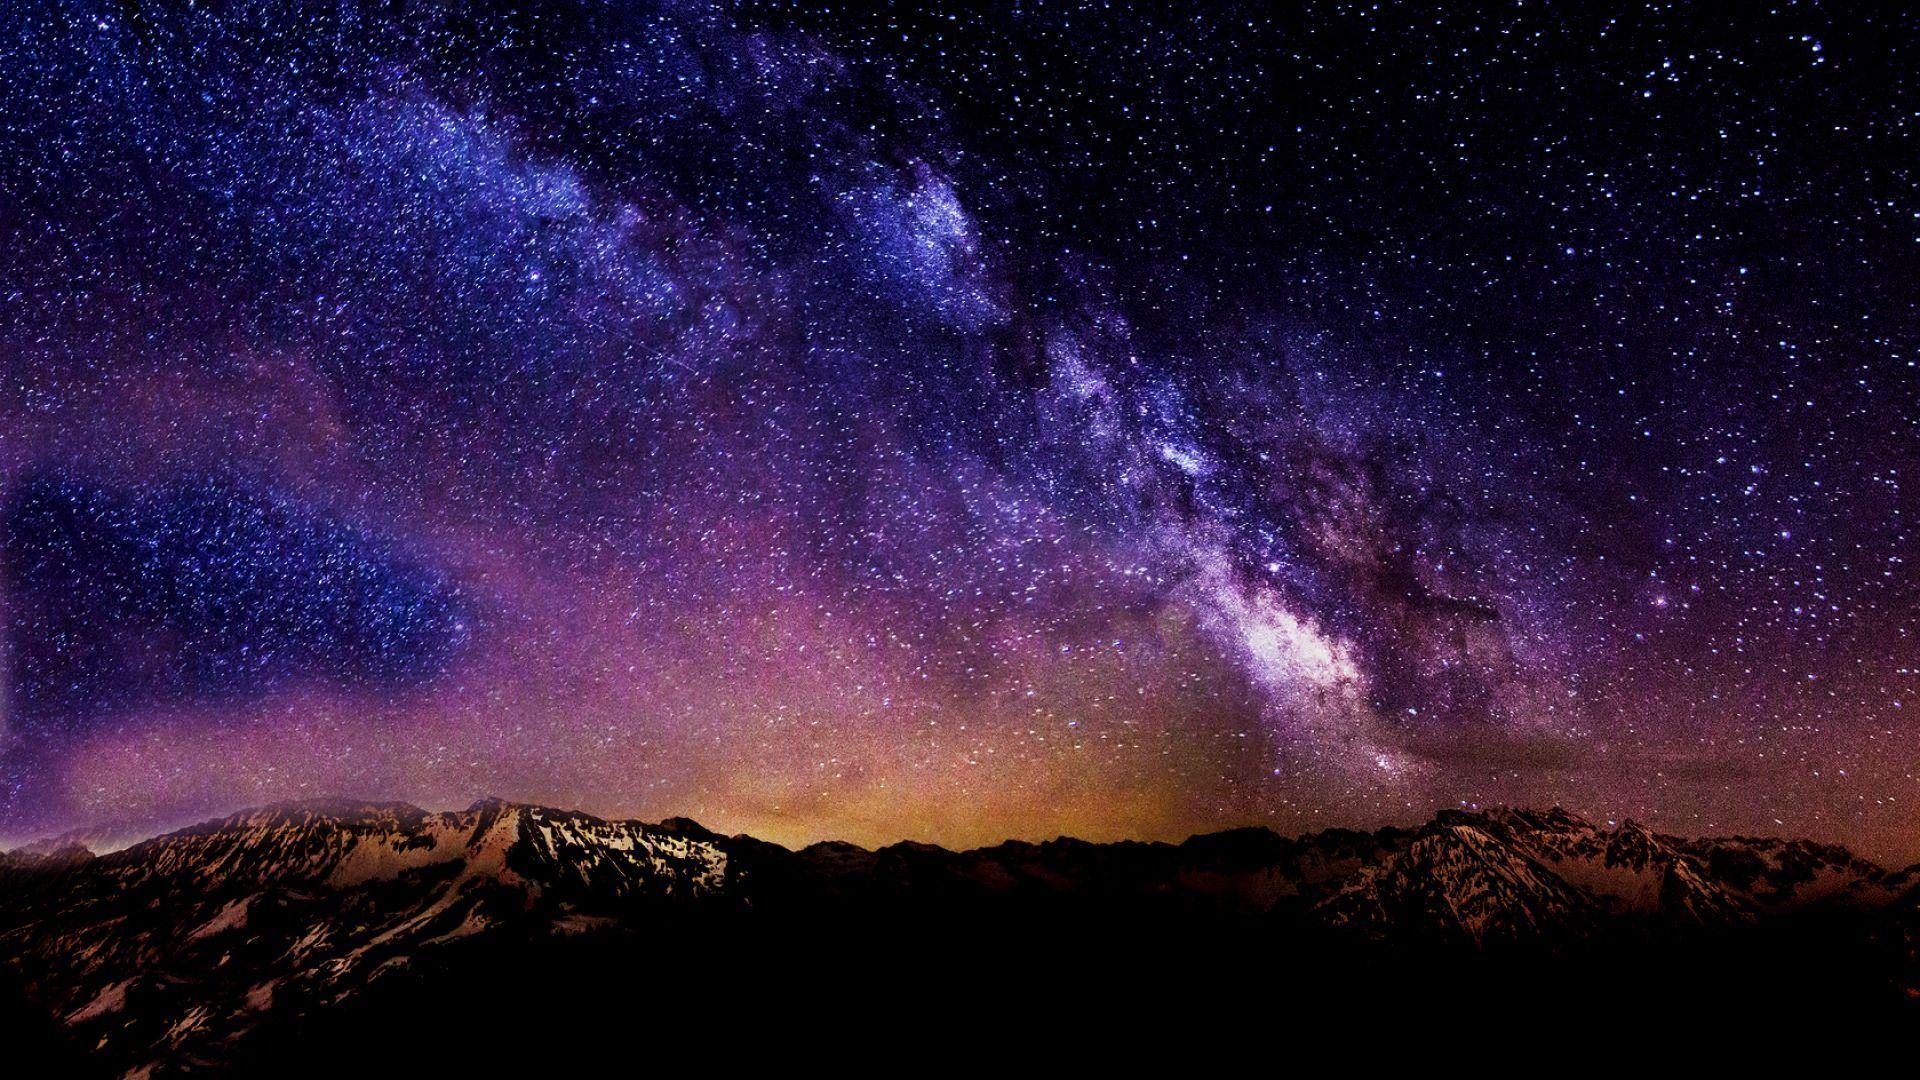 Sky Desktop Wallpapers Top Free Sky Desktop Backgrounds